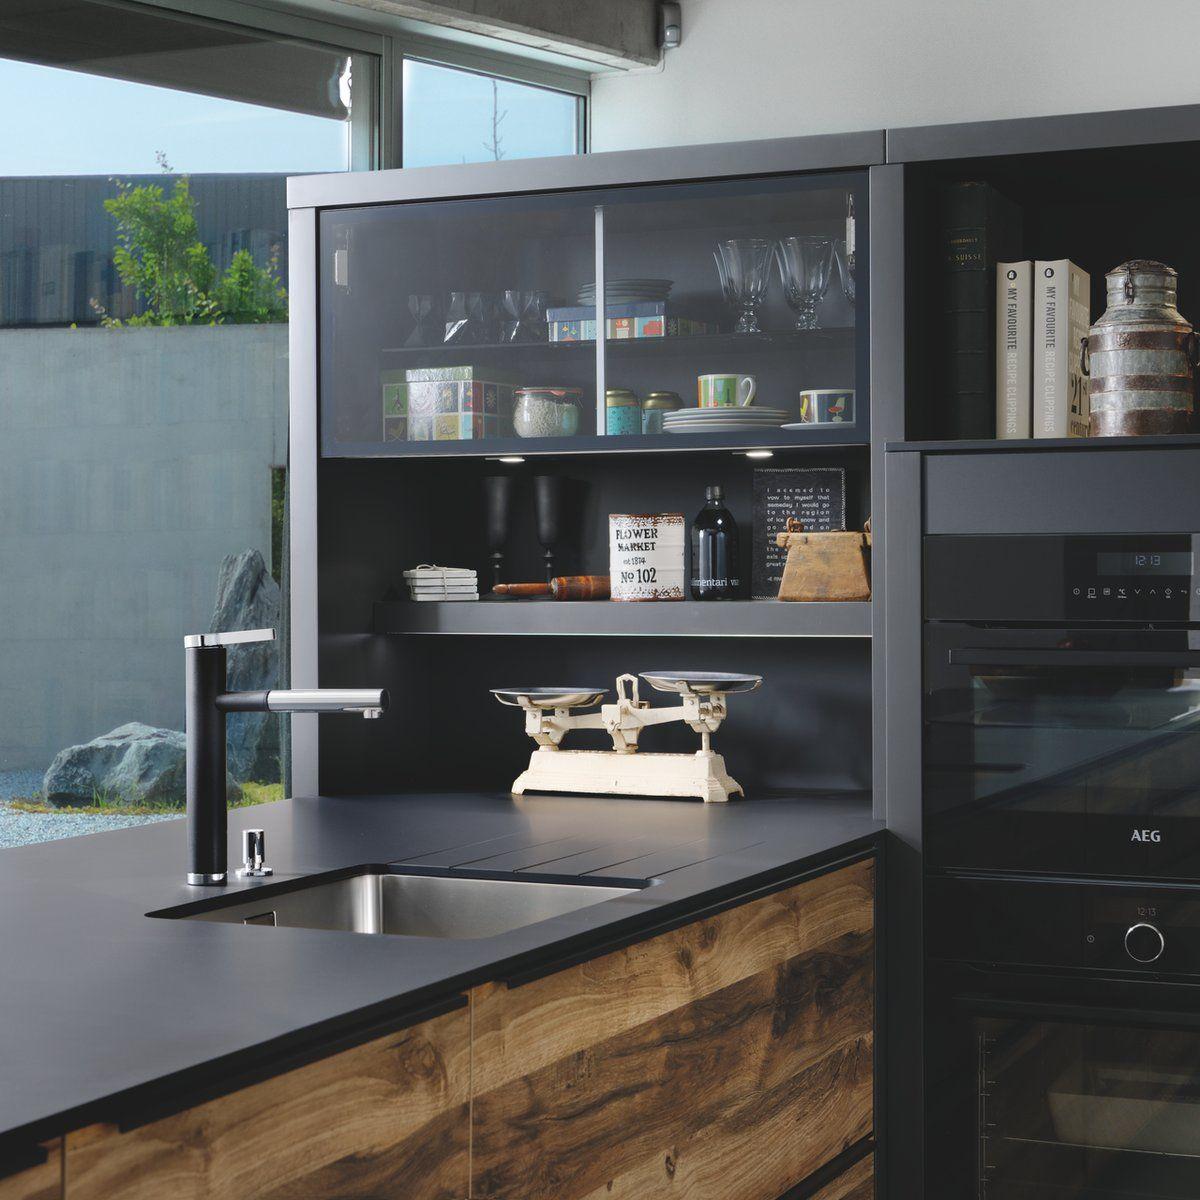 Cuisine Noire Plan De Travail Blanc: Plan De Travail Compact Fenix NTM